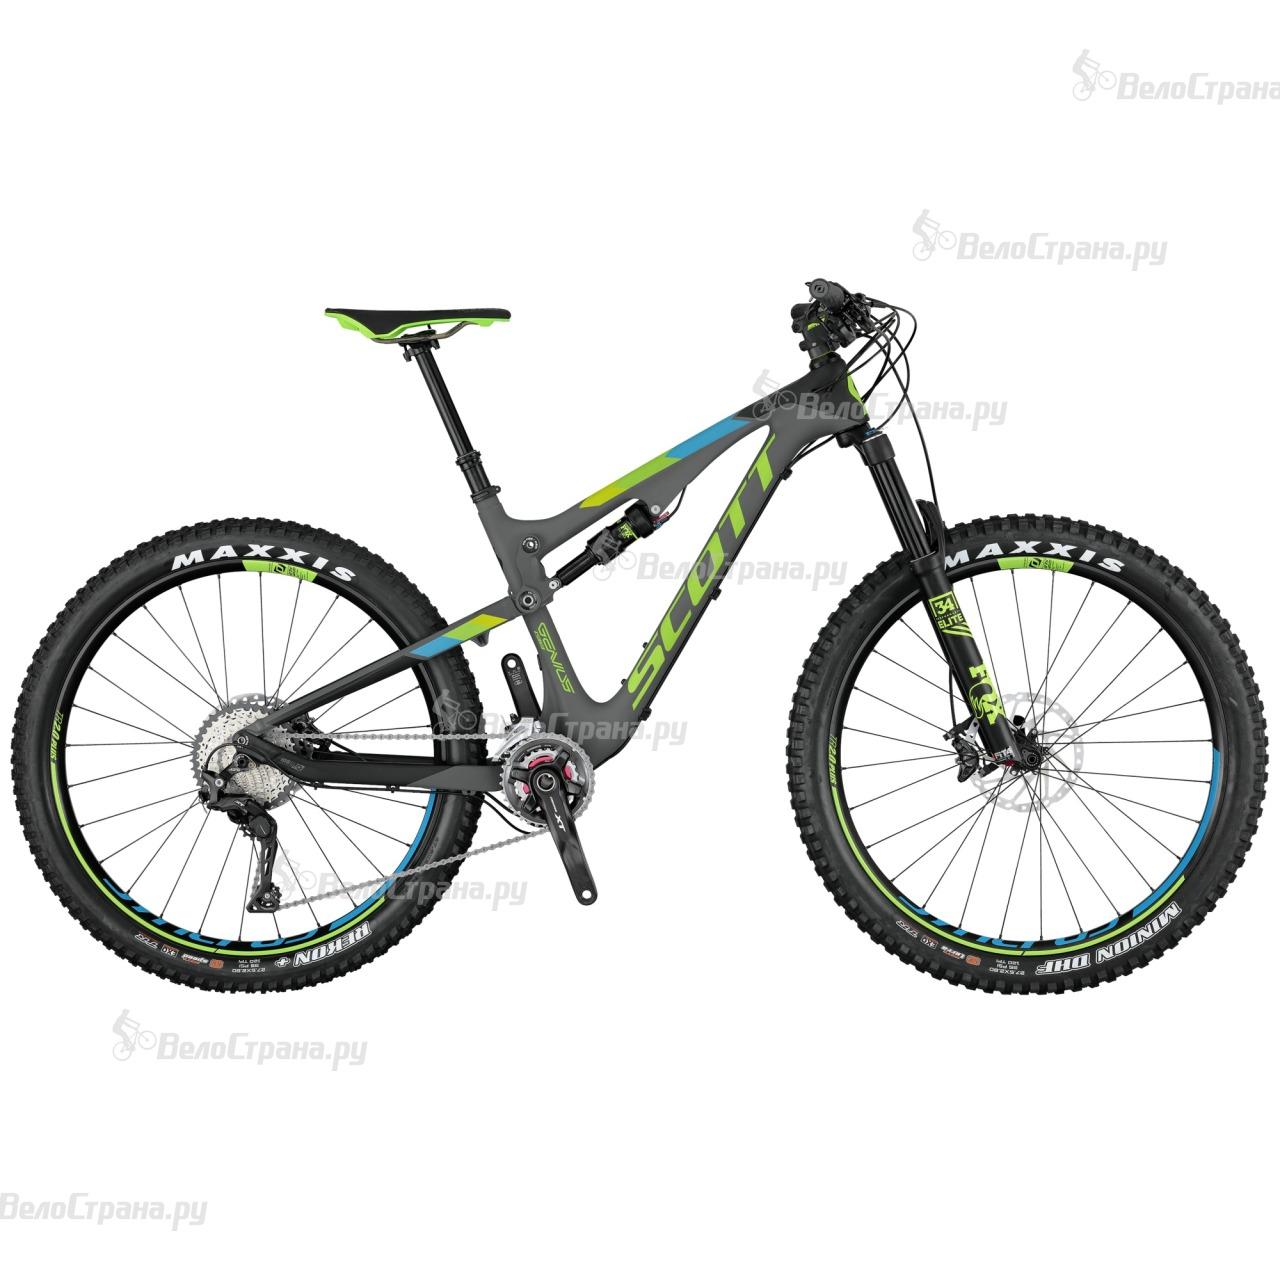 Велосипед Scott Genius 710 Plus (2017)